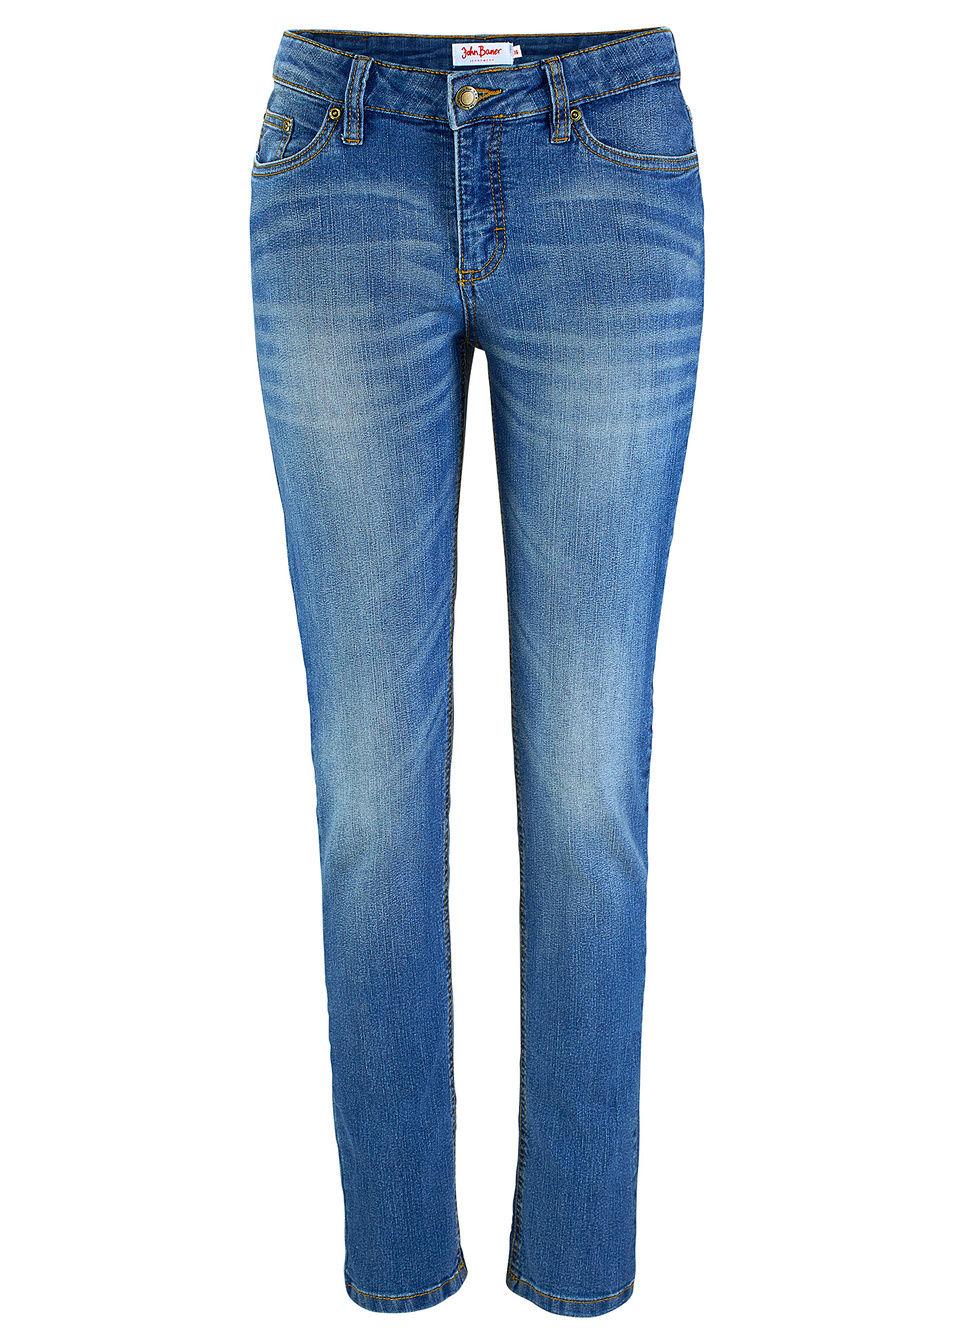 Удобные джинсы-стретч SKINNY от bonprix